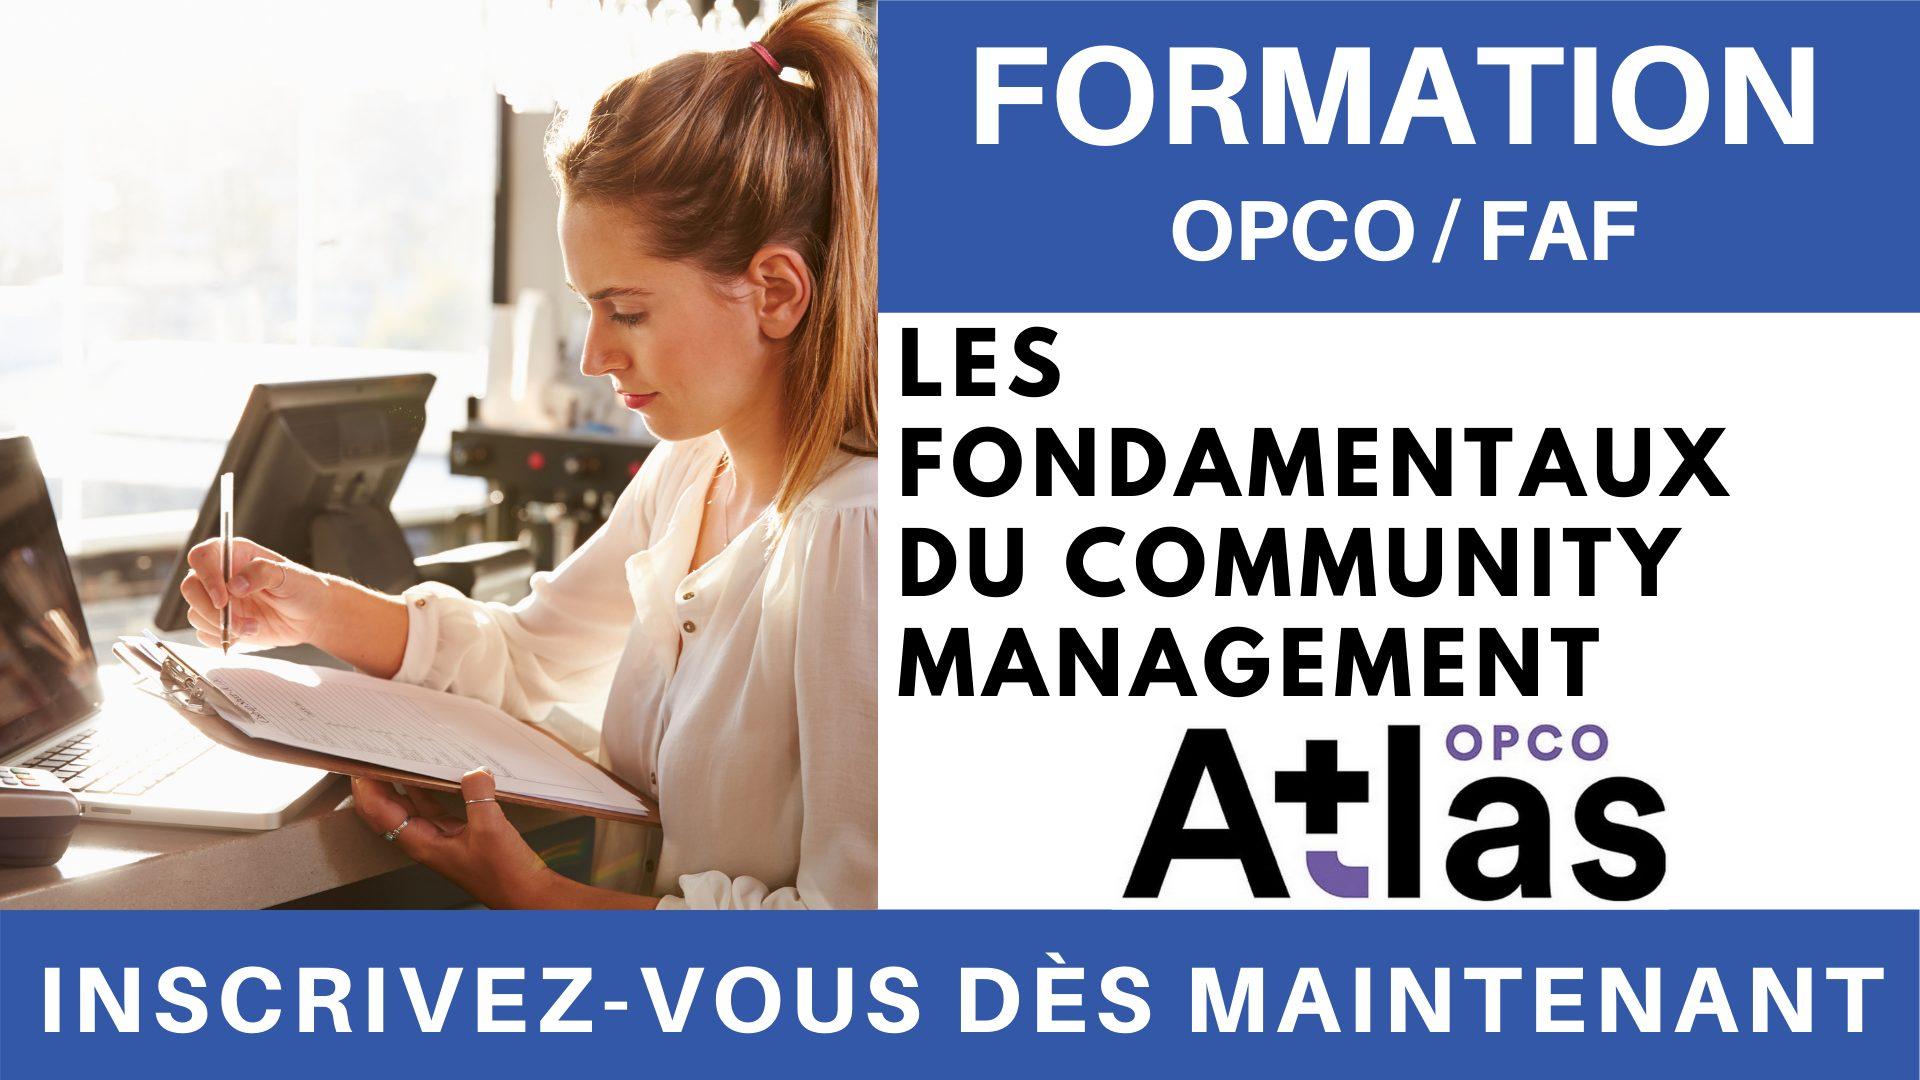 Formation OPCO FAF - Les fondamentaux du Community Management